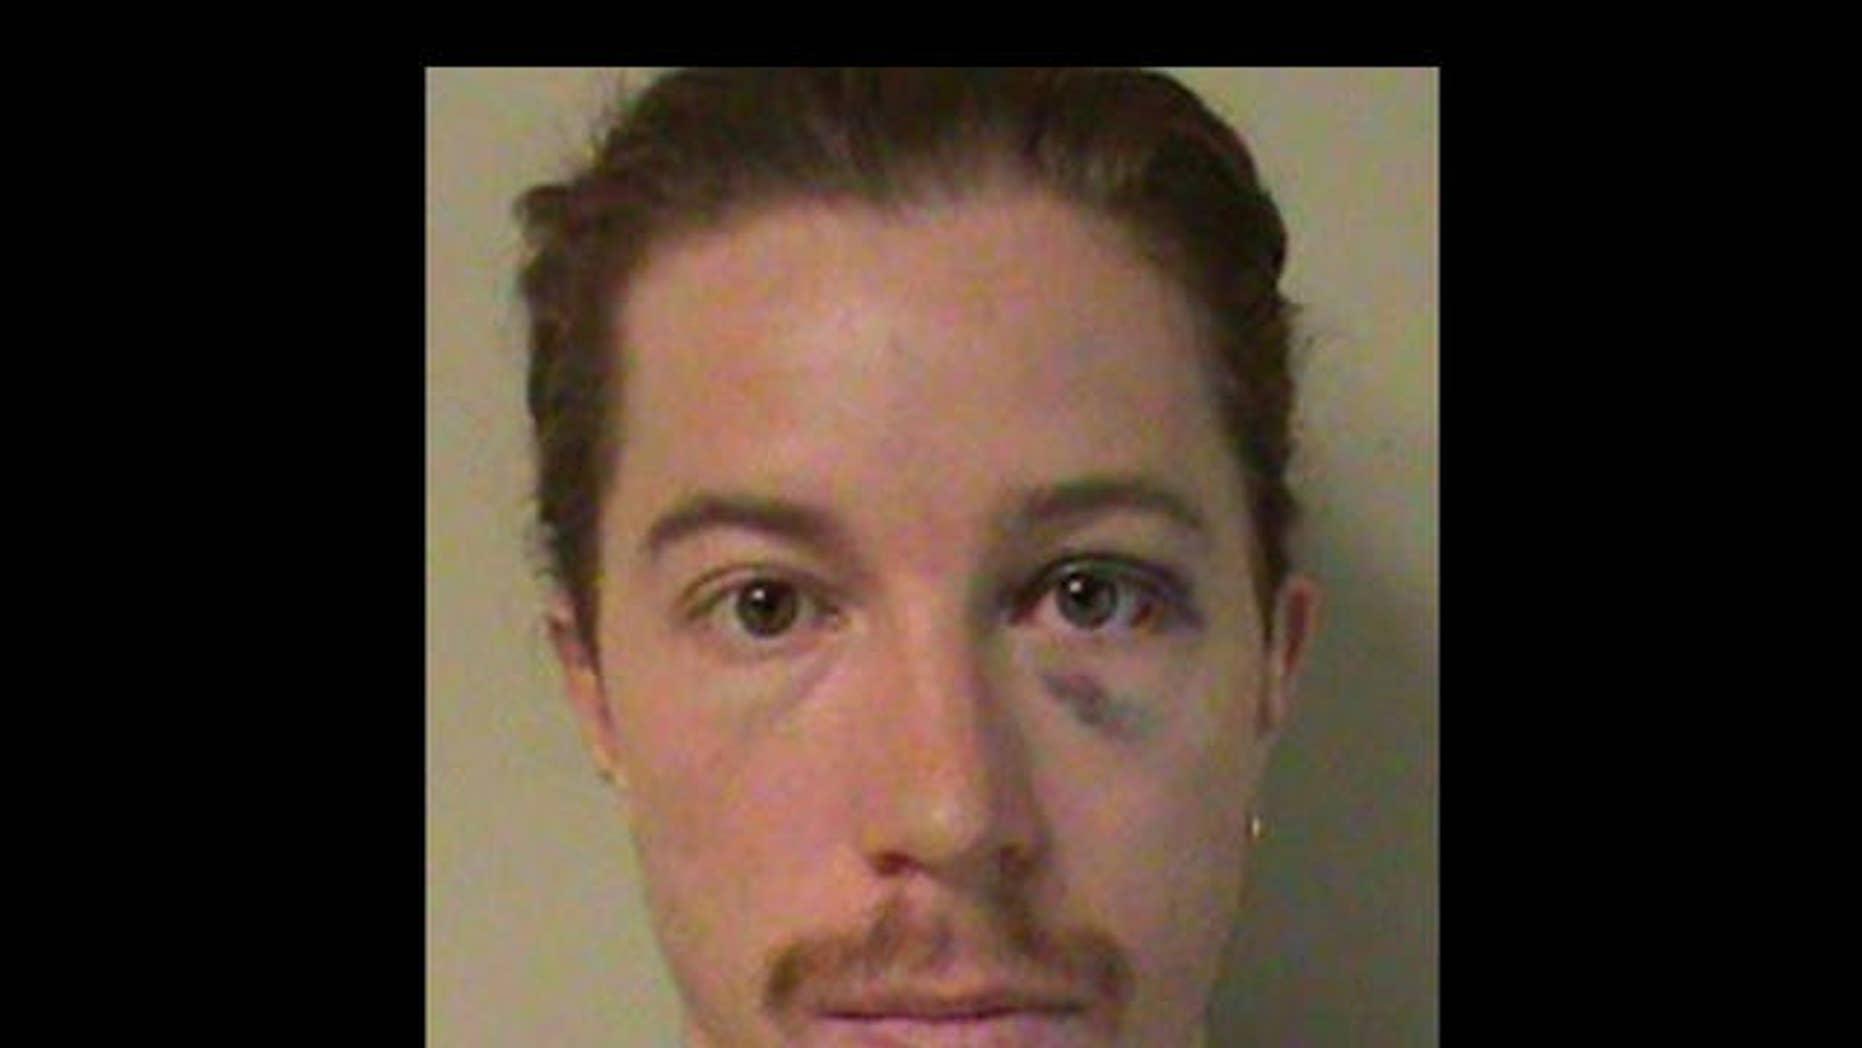 September 17, 2012 - Shaun White mugshot from Metro Nashville Police Department.